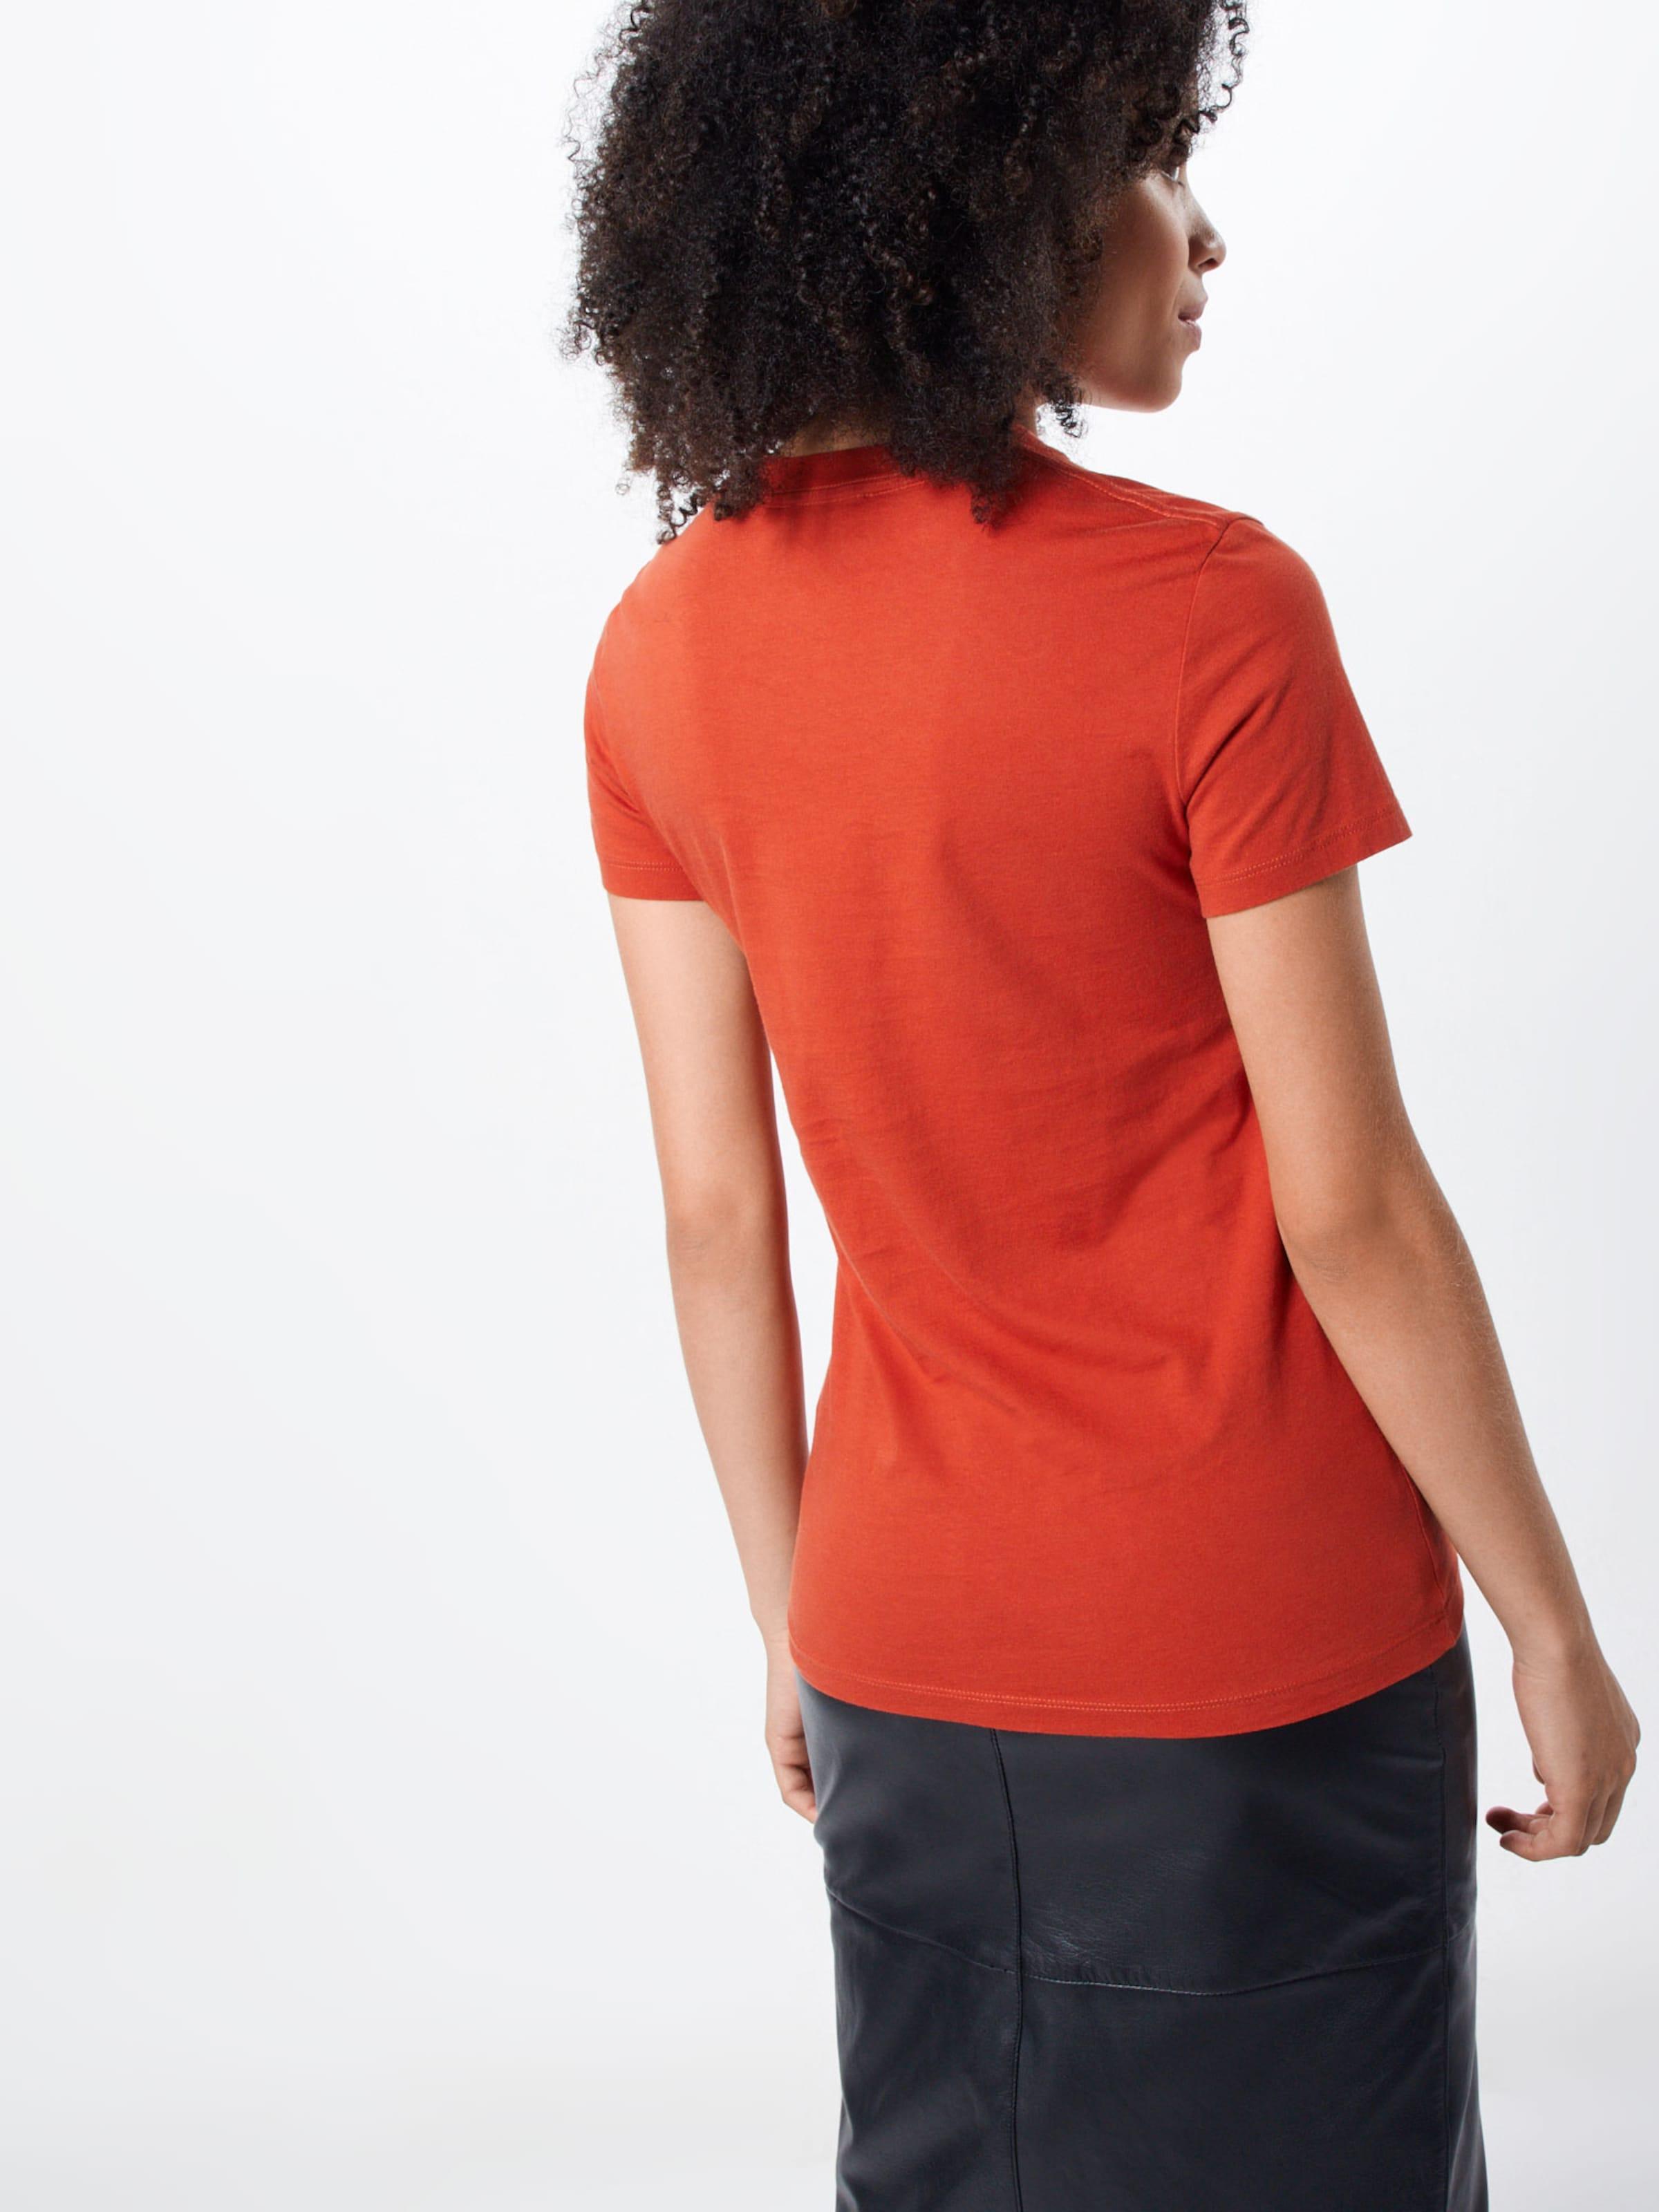 shirt Rouge T Wood 'eden' En trQshdC